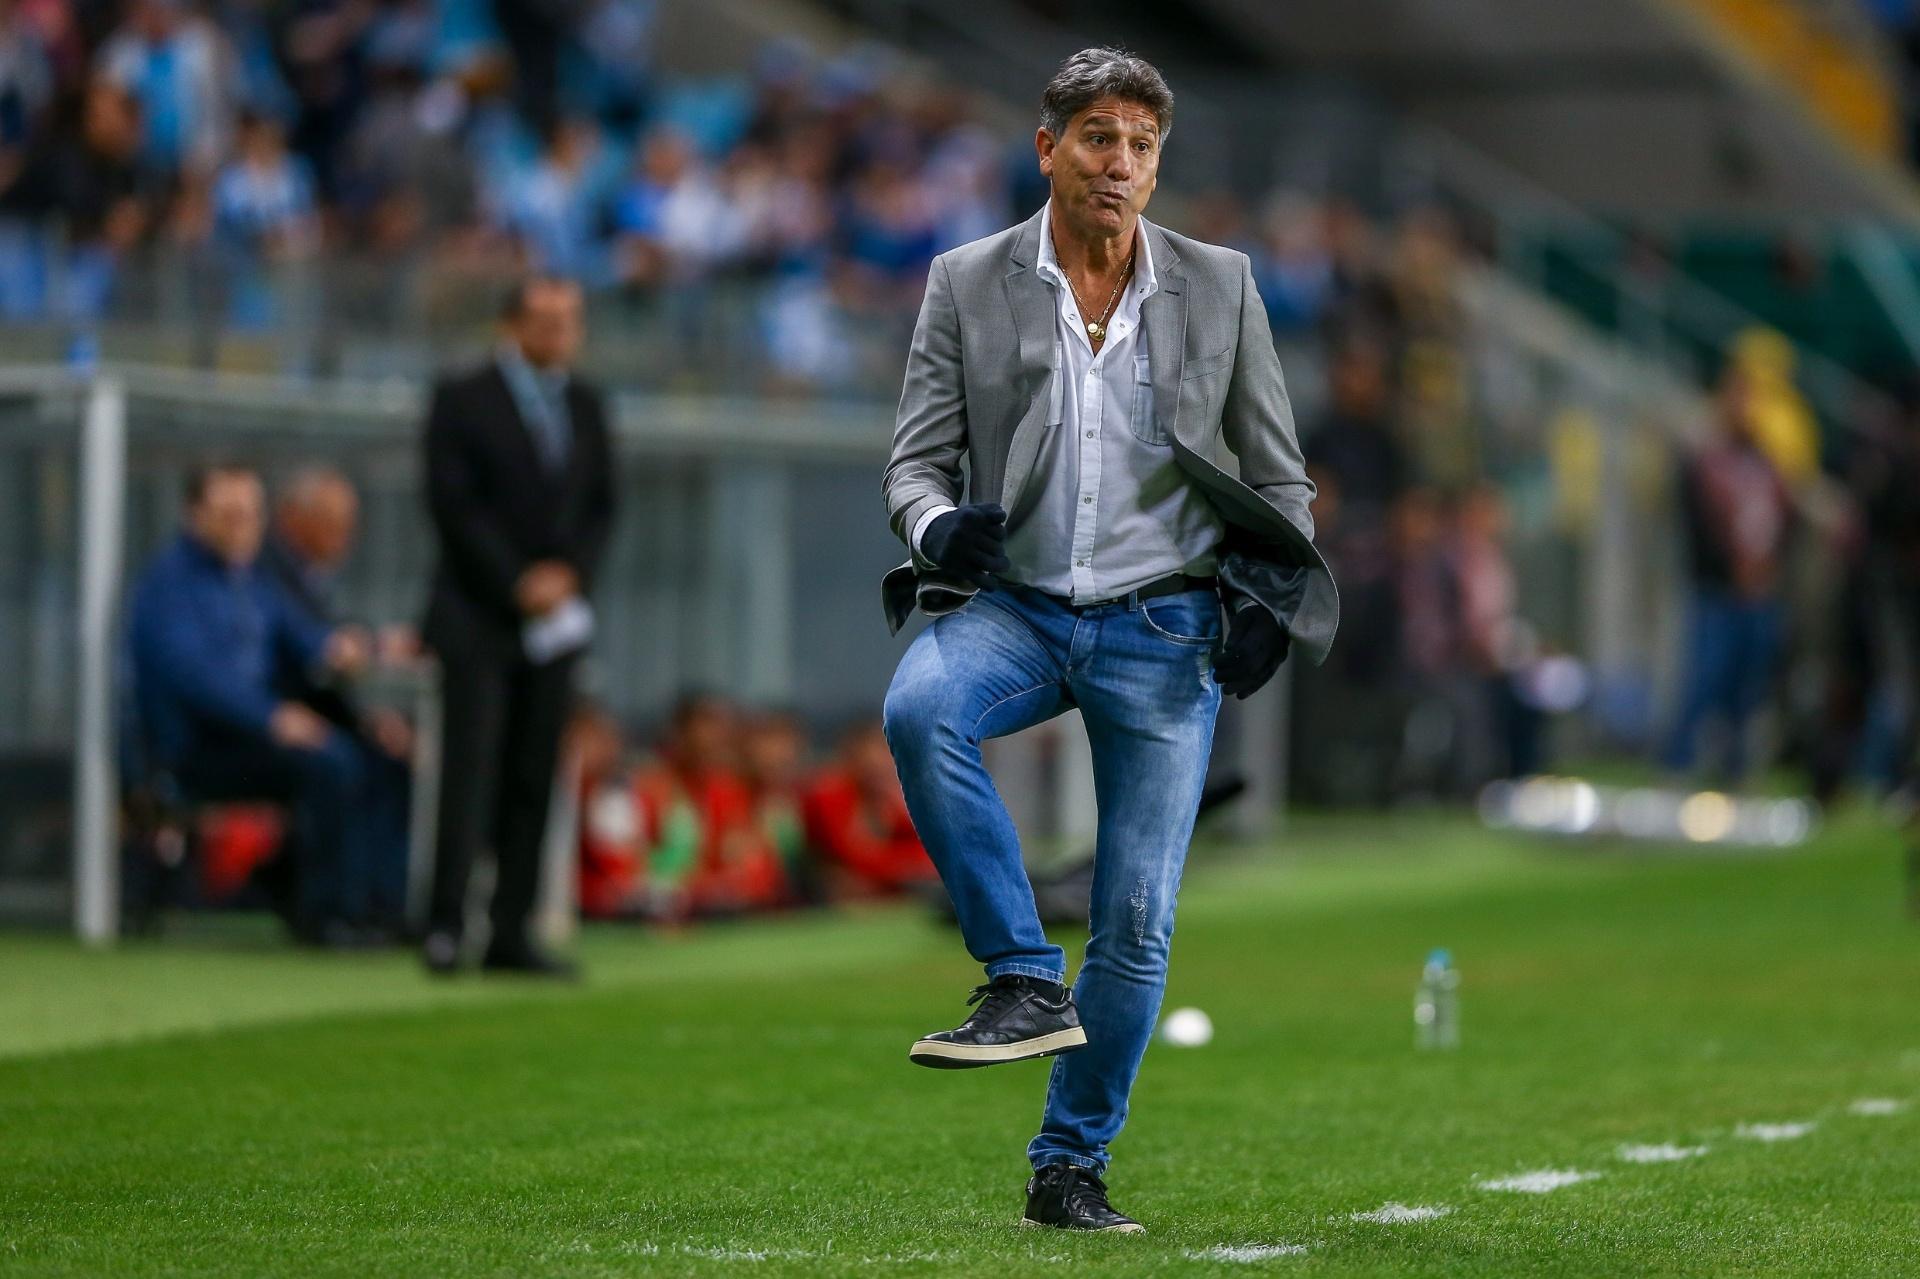 Grêmio se divide entre negociação com Renato e  finais  por Libertadores -  18 11 2018 - UOL Esporte e8e1f4984ca49